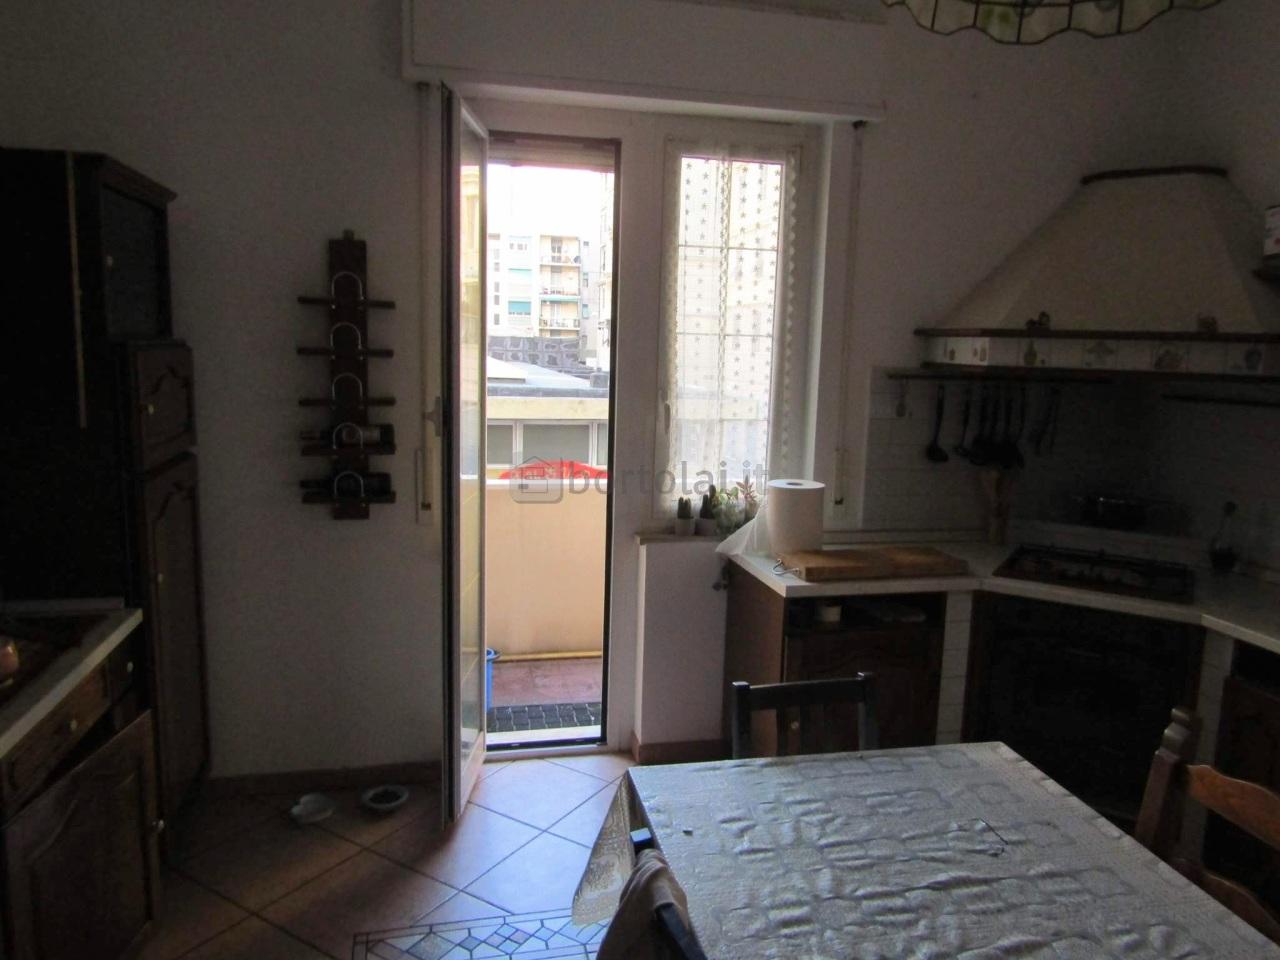 Appartamenti e Attici GENOVA vendita  Sampierdarena  Immobiliare Bortolai.it Srl